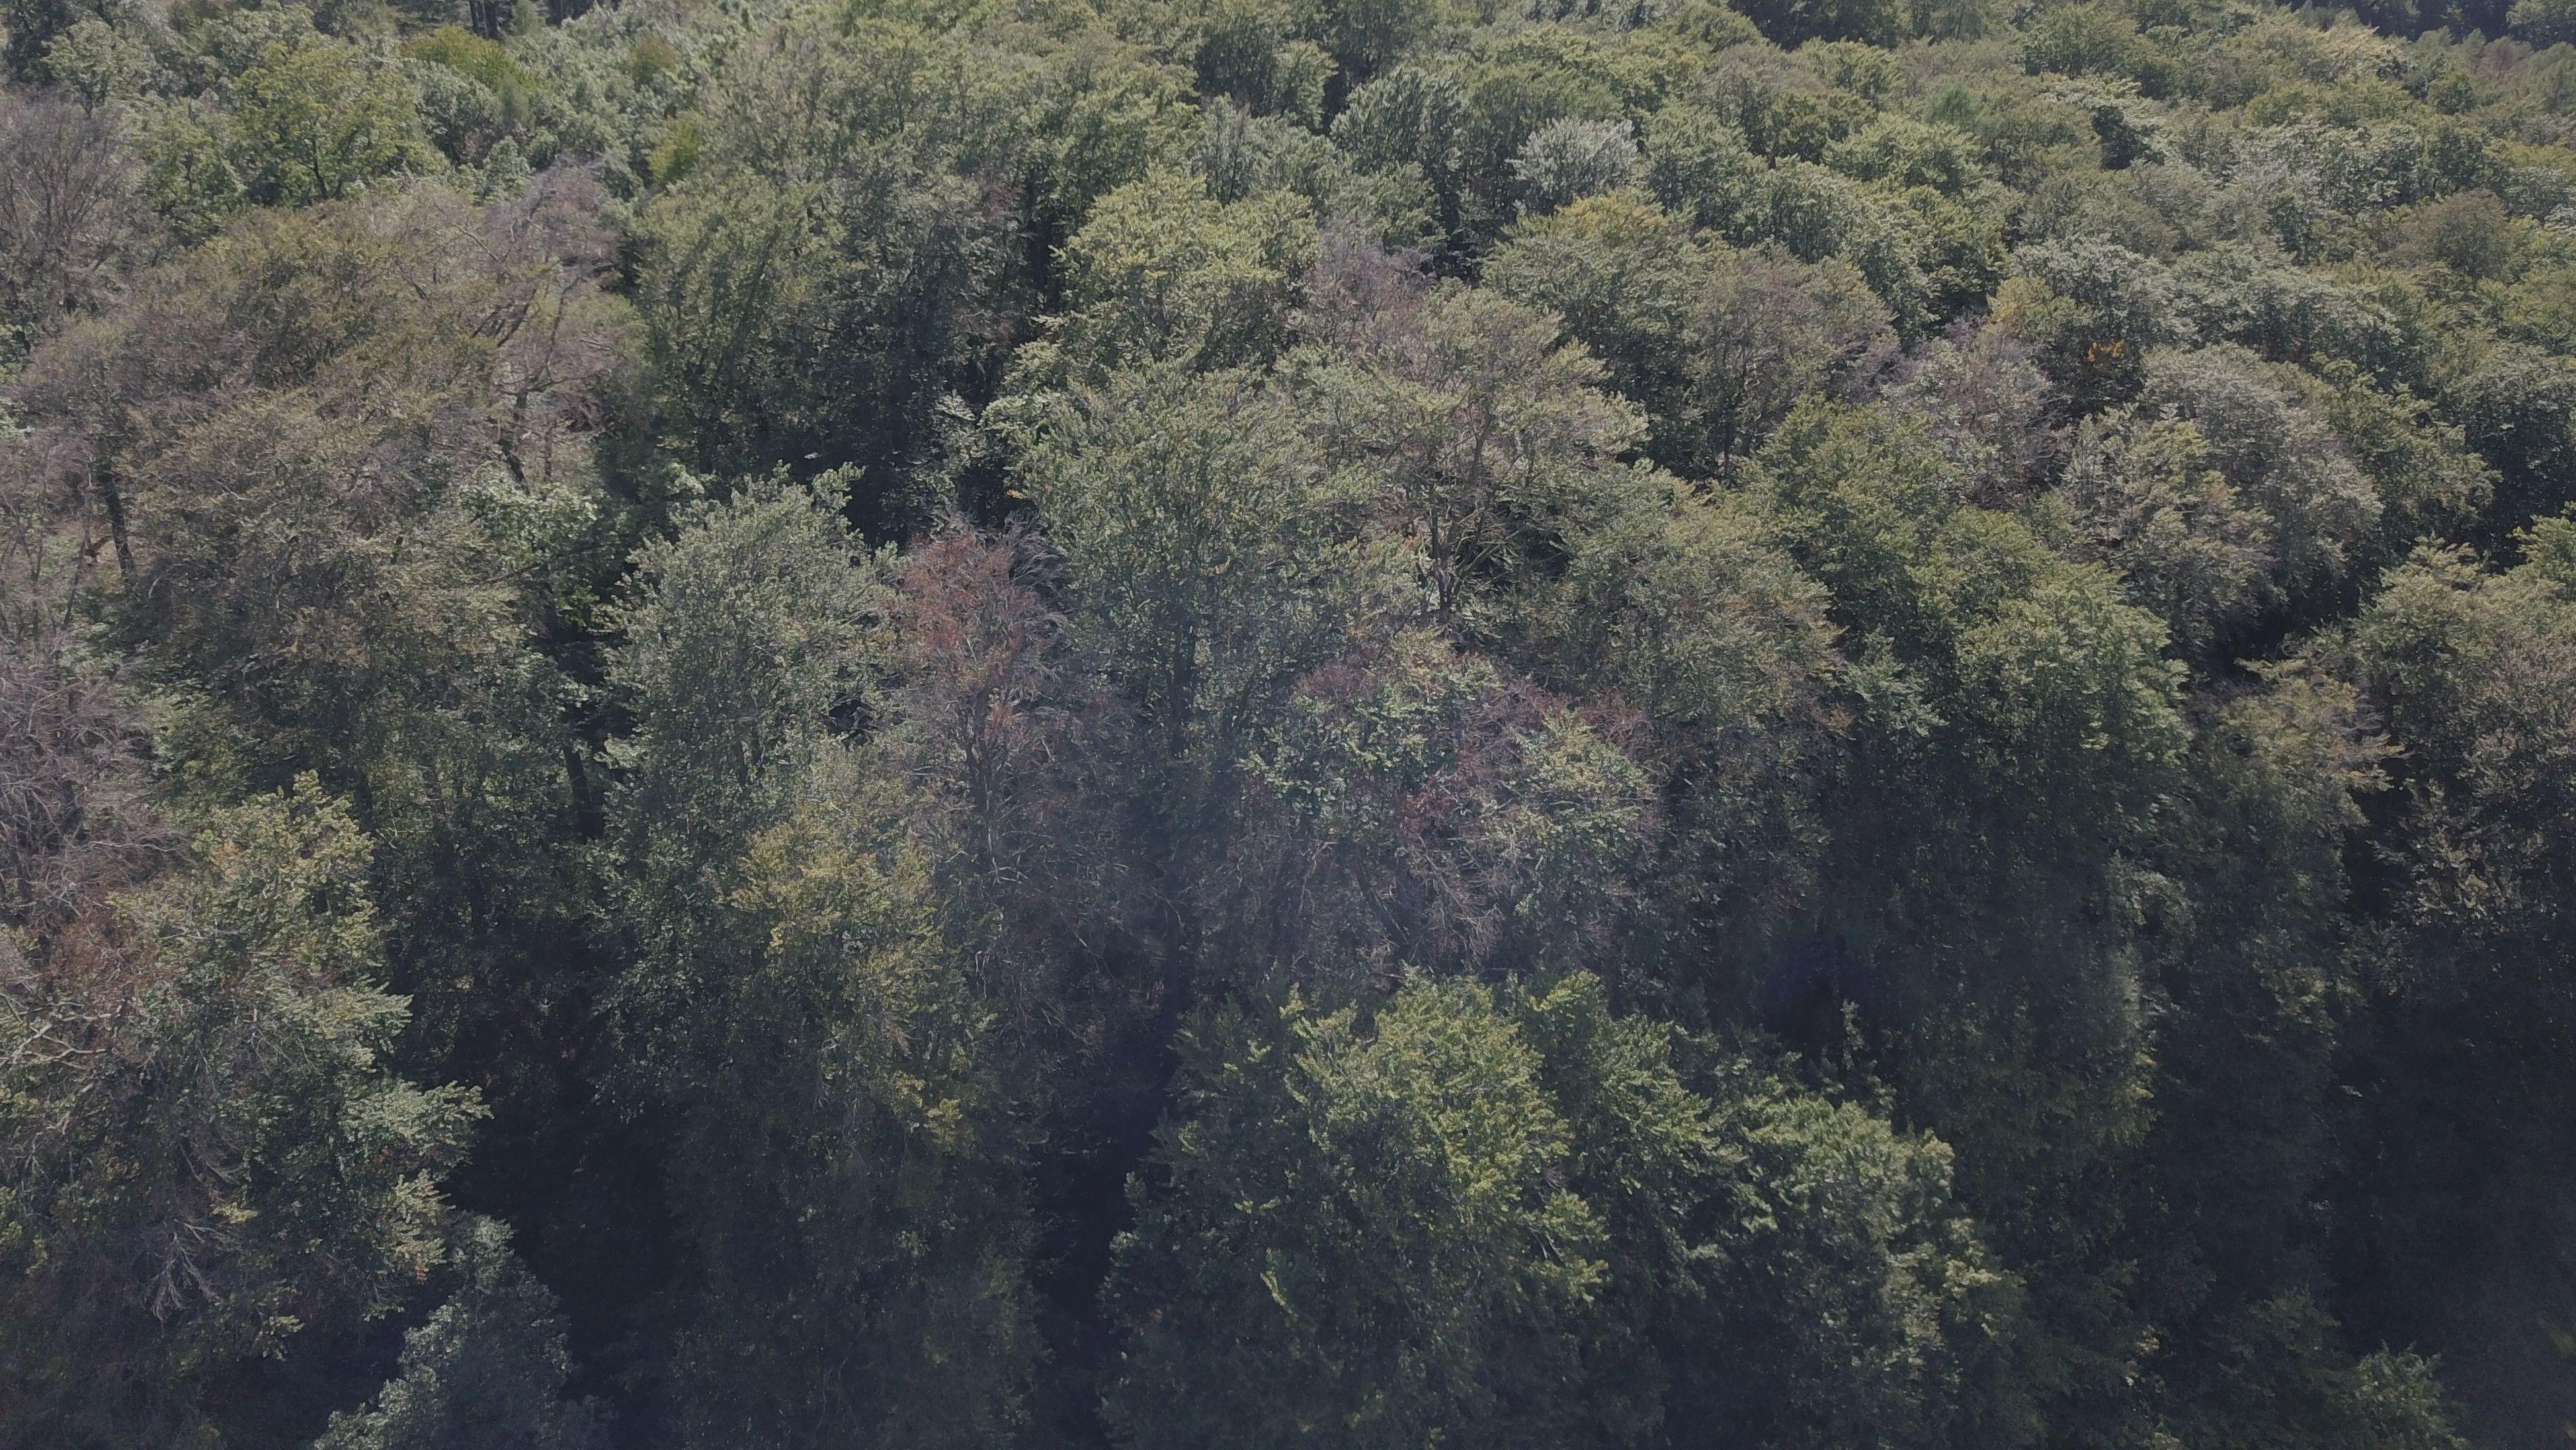 Kaputte Buchen in einem Wald in Unterfranken